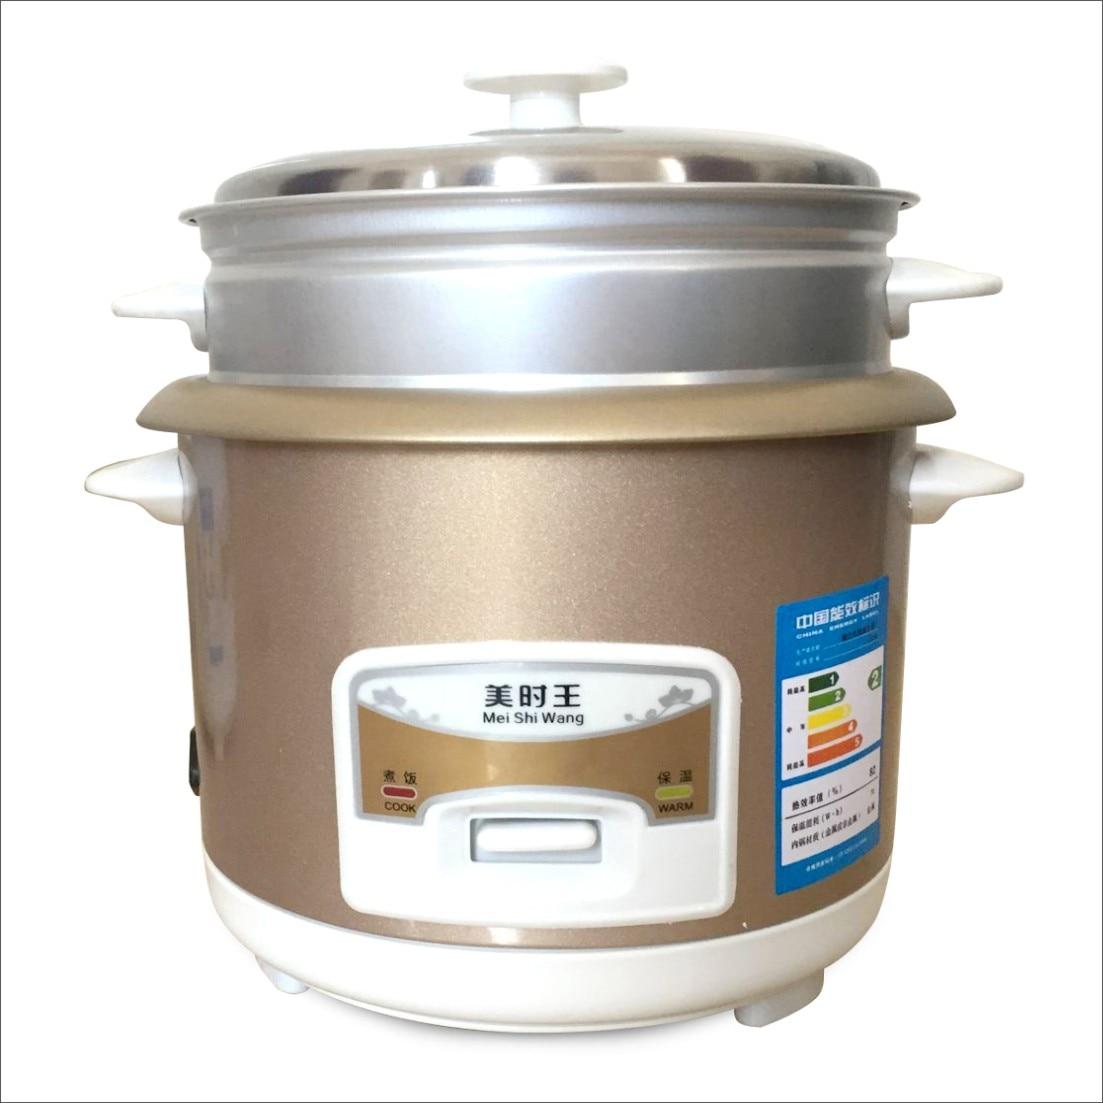 3 антипригарным риса плита с парохода большой емкости 2345 Домашний Бизнес cookers